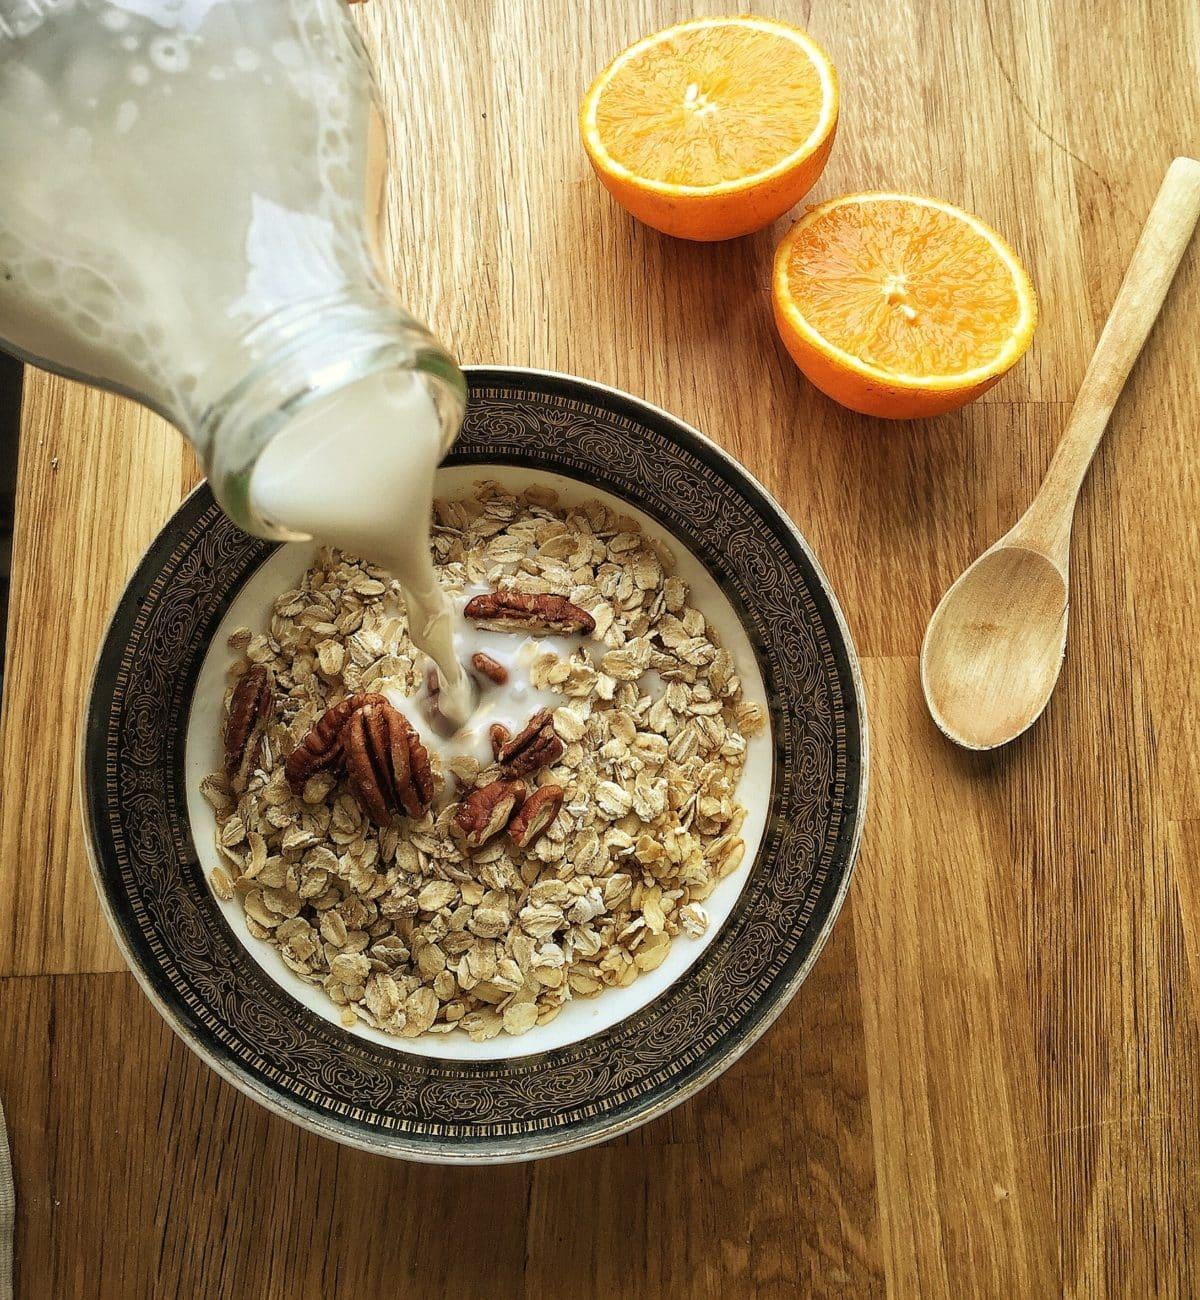 lait végétale CookYourLife / Pixabay